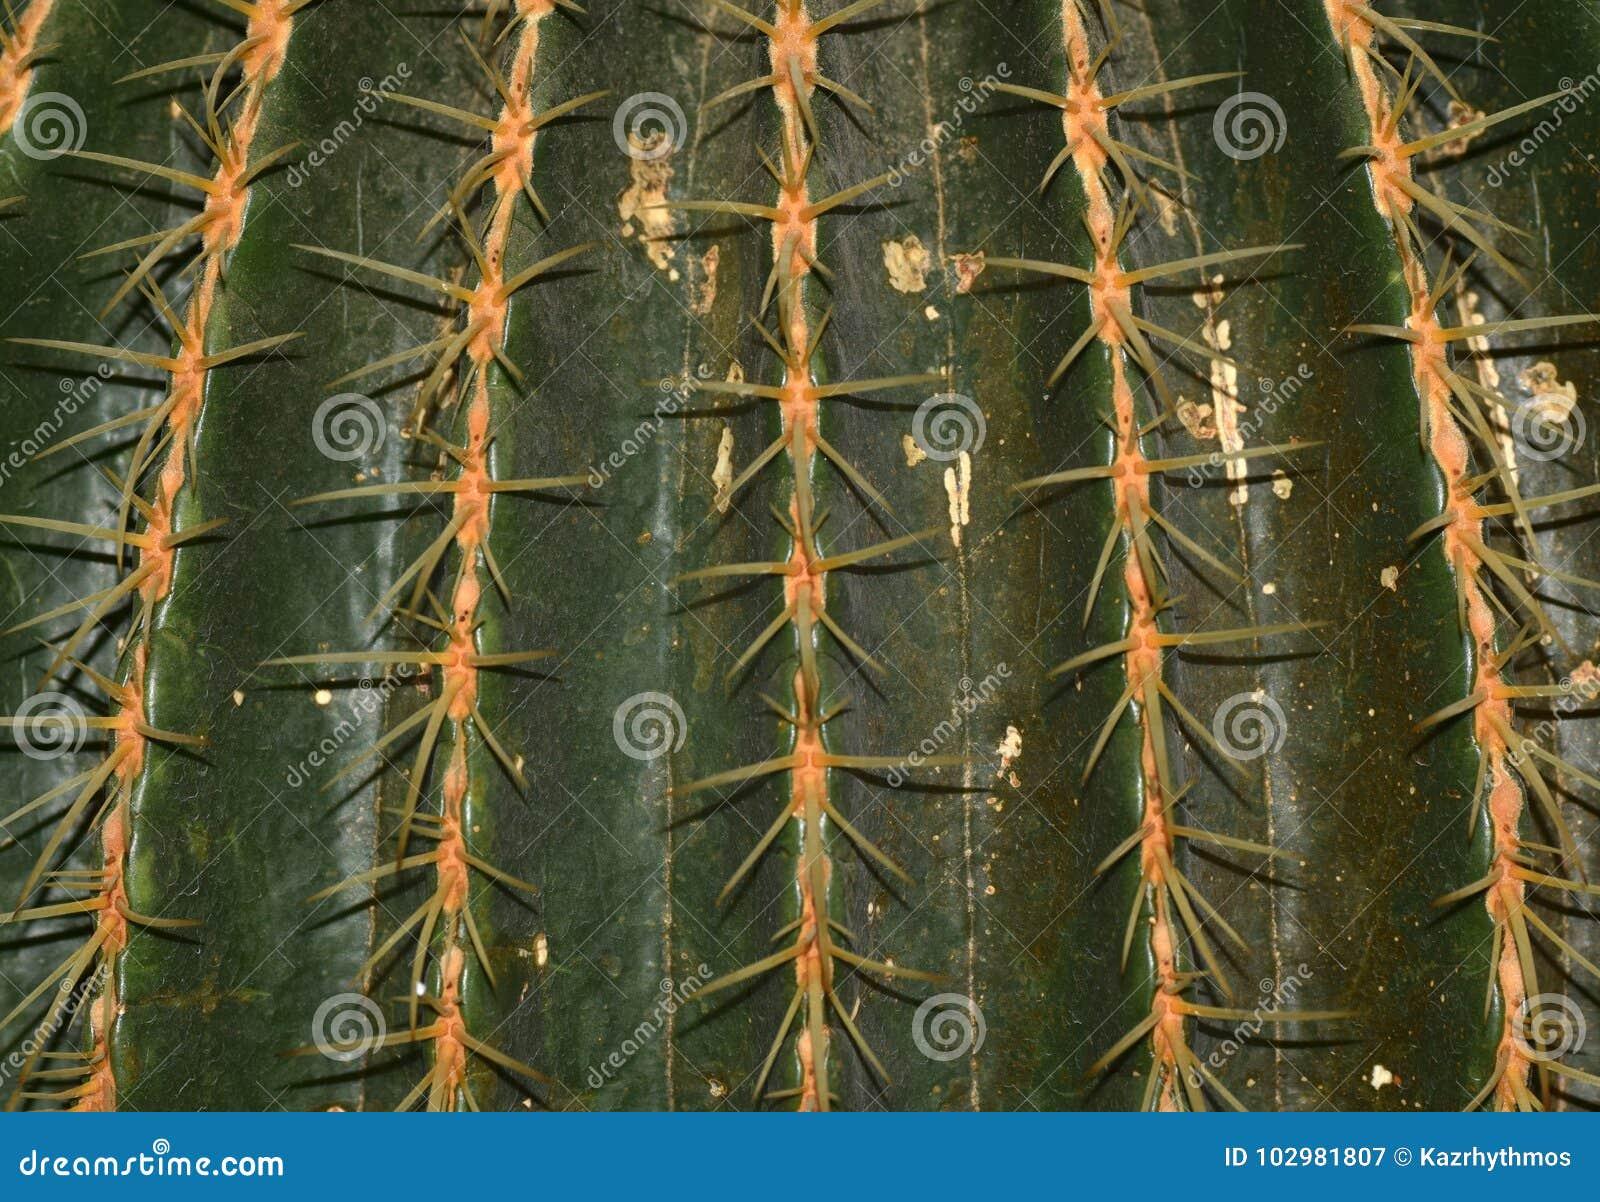 Cactus To Take In Macrolens Of Osaka. Stock Image - Image of osaka ...